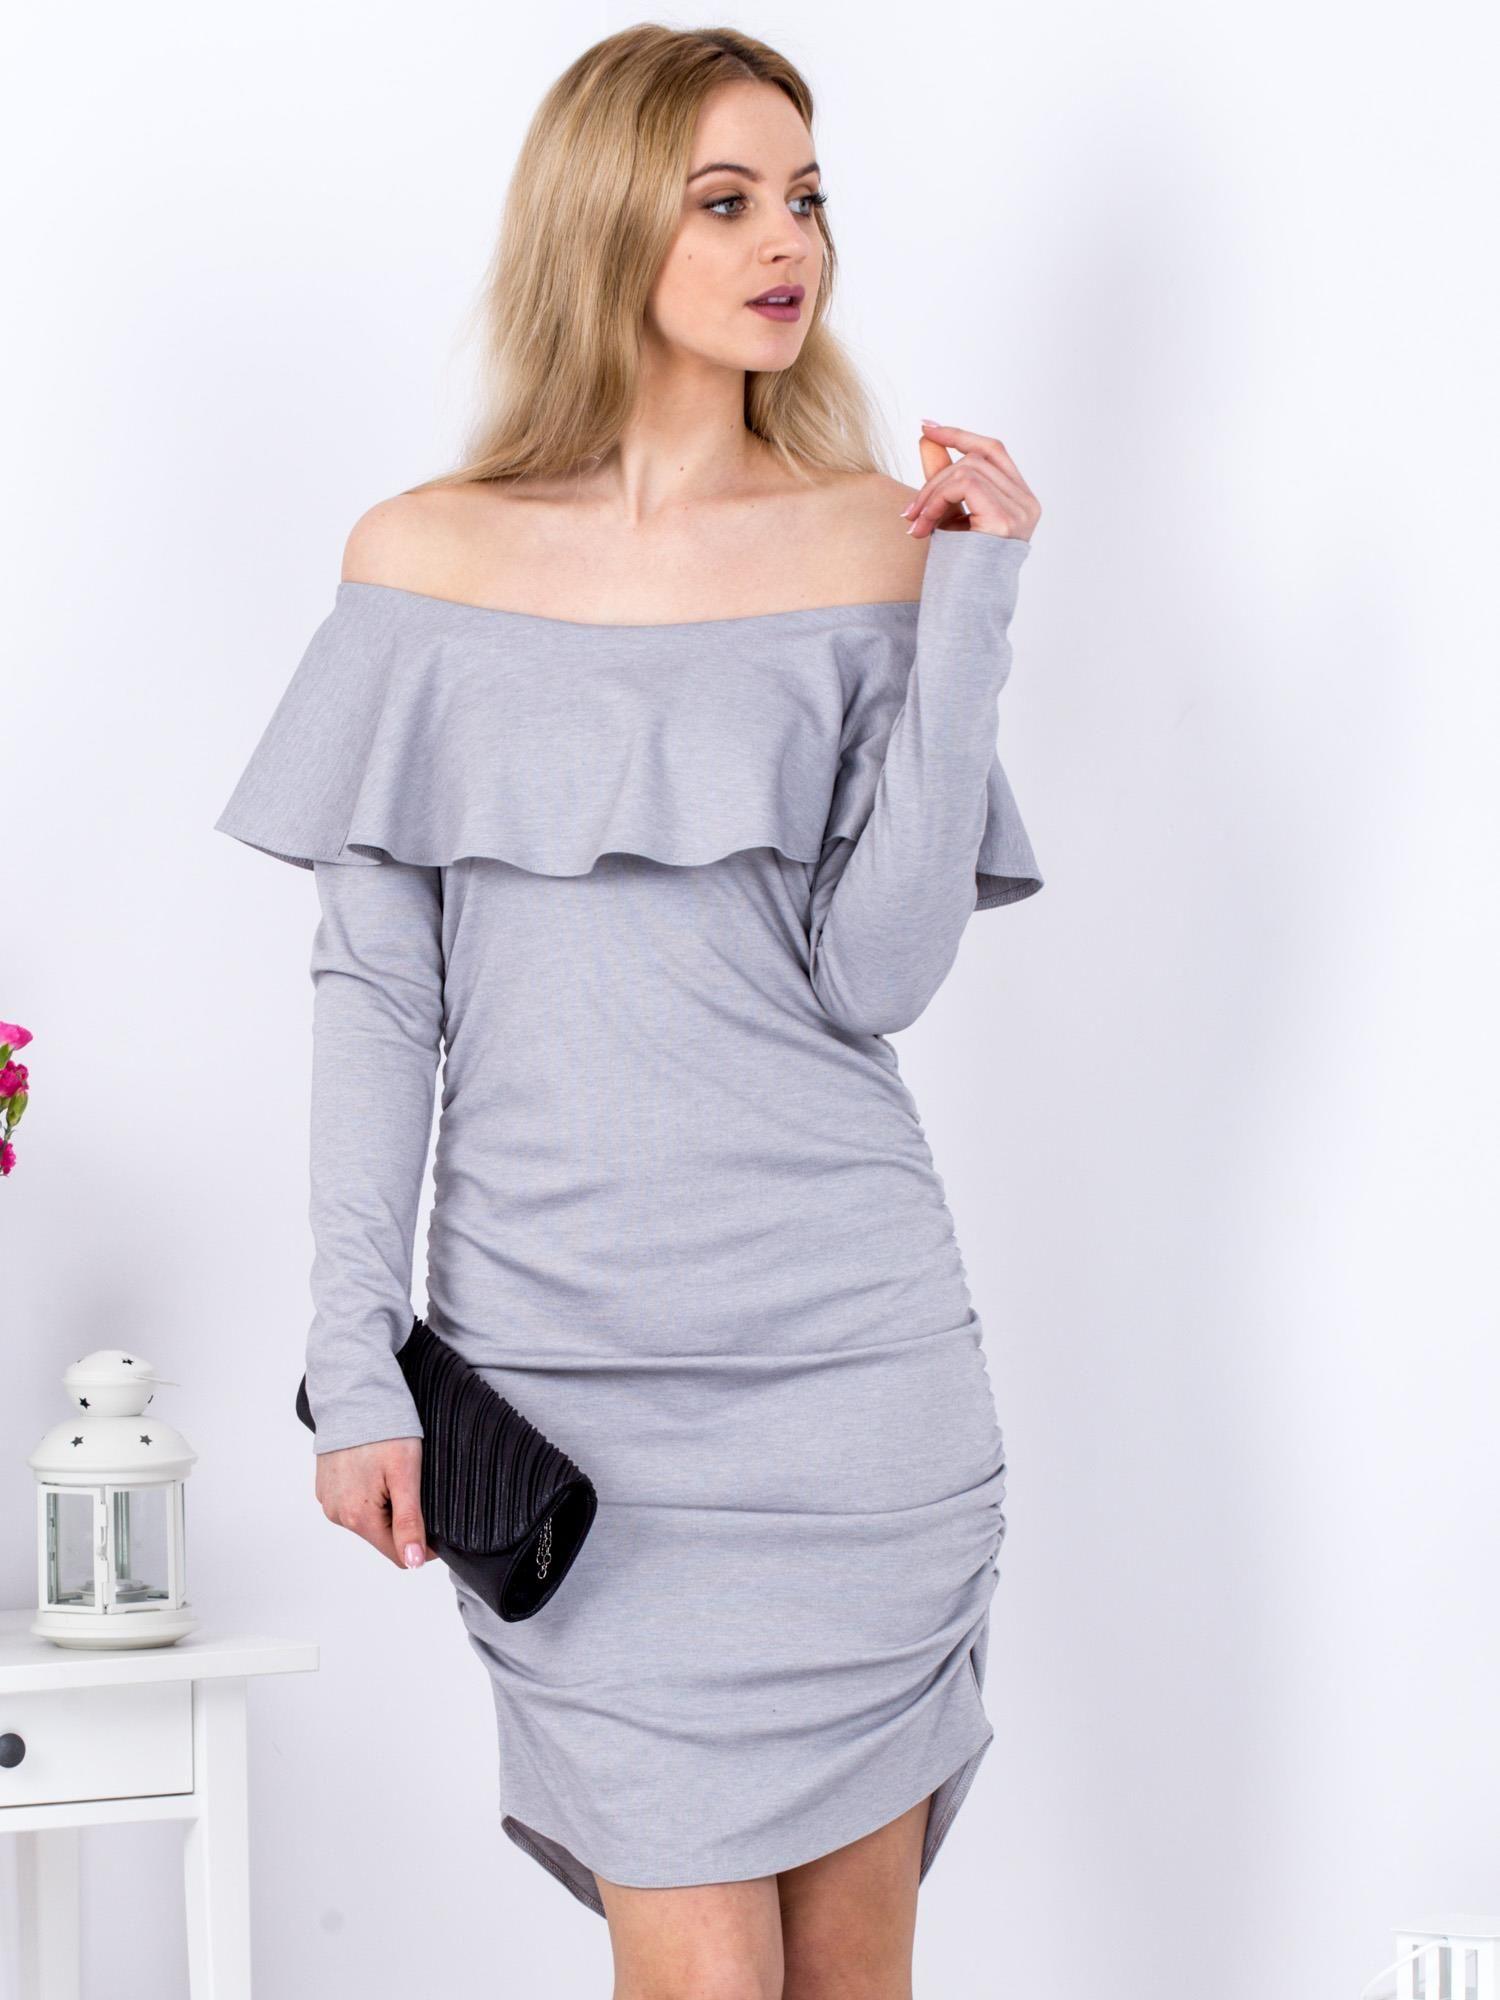 d110c6d9affd Szara marszczona sukienka z dekoltem carmen - Sukienka koktajlowa ...